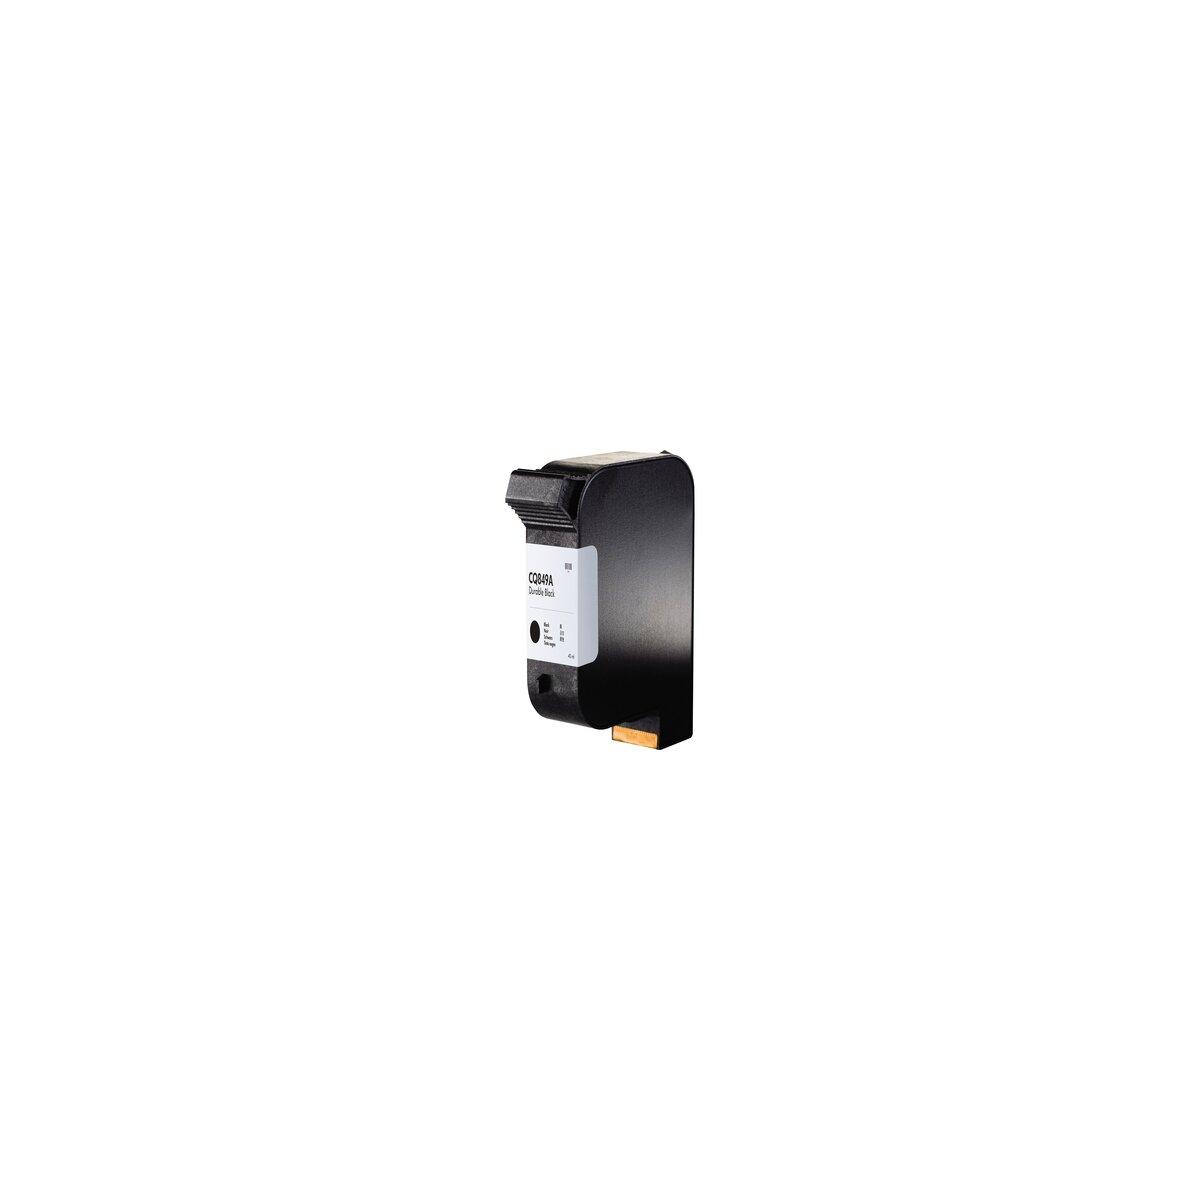 Kartusche CQ849A - HP Durable Black